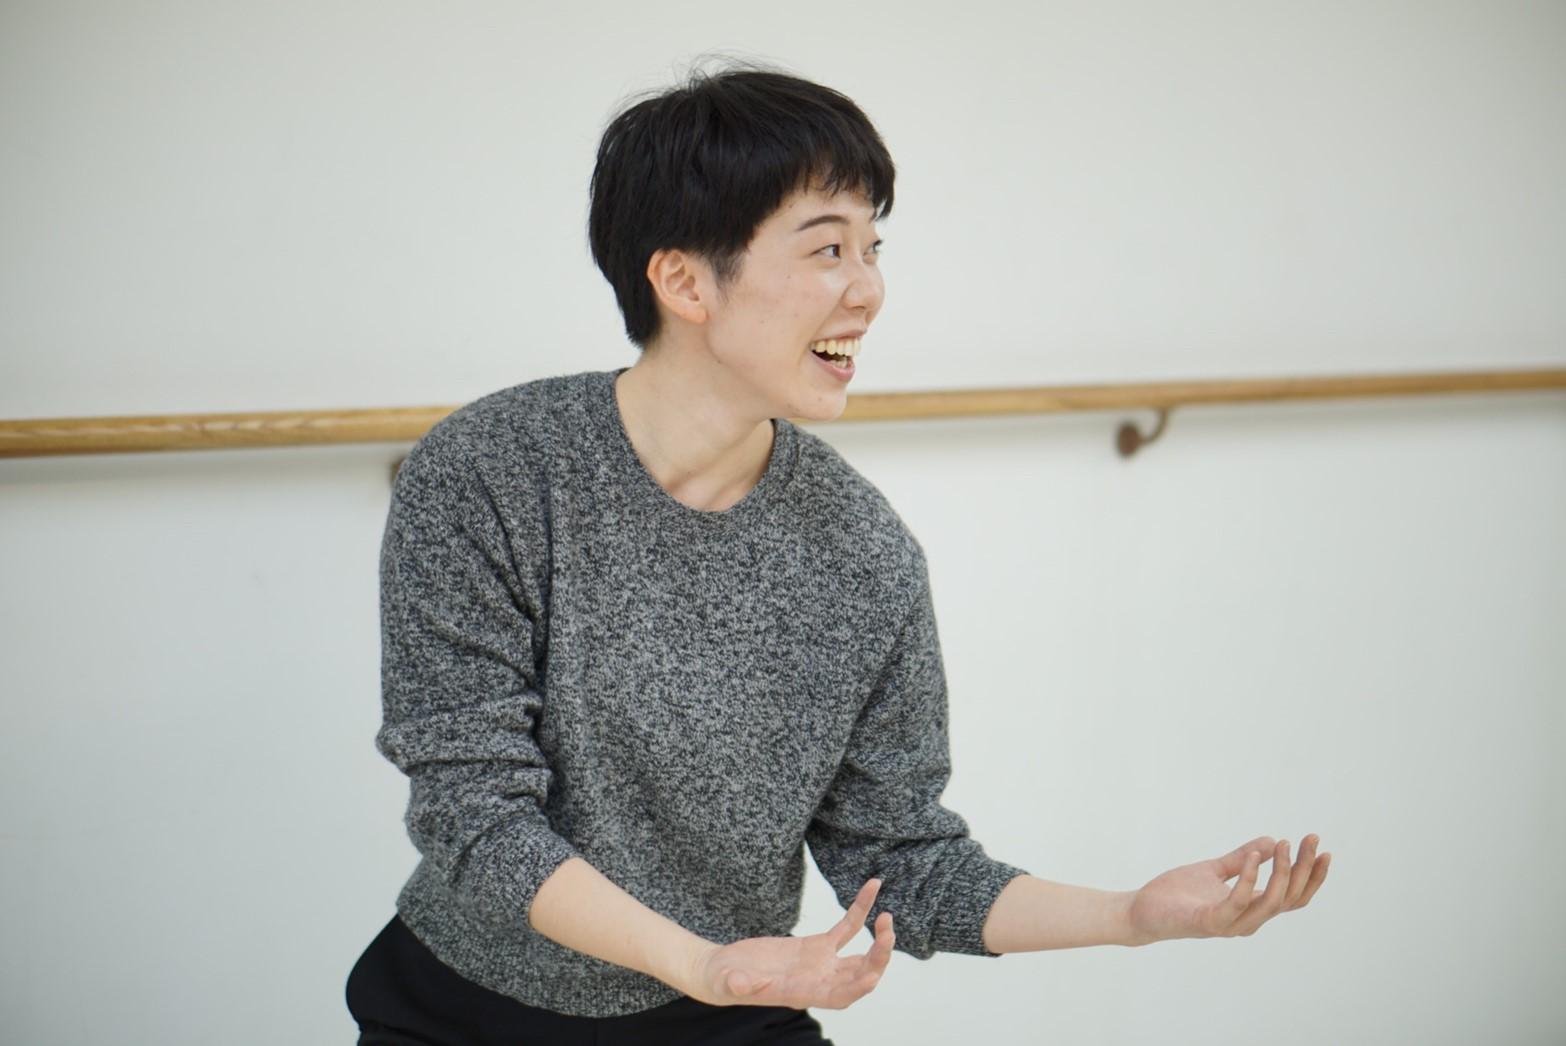 ダンス講師 上田舞香 photo by Yutaka Okawaki